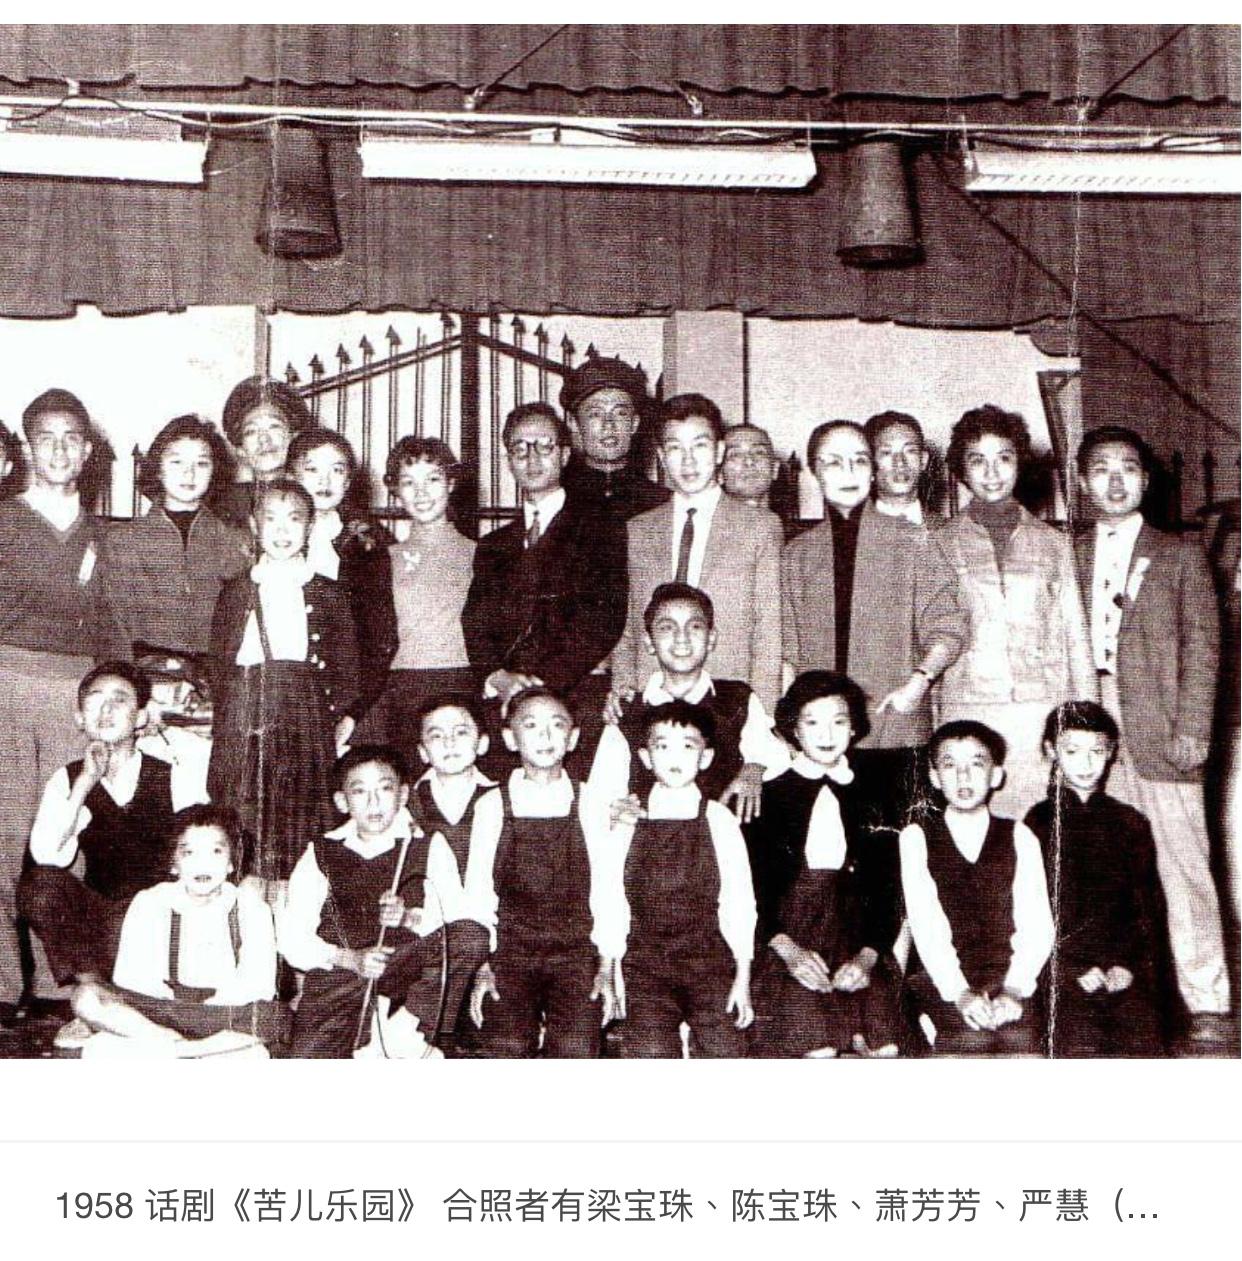 秦沛五八年演出話劇《苦兒樂園》,同劇的「苦兒」分別是(前排右至左)梁寶珠、杜國威、陳寶珠、鄧小宇、周維德、姜大衛、泰廸羅賓和嚴慧,穿了格仔裙的蕭芳芳(後左三),而秦沛在站在鄧小宇身後。